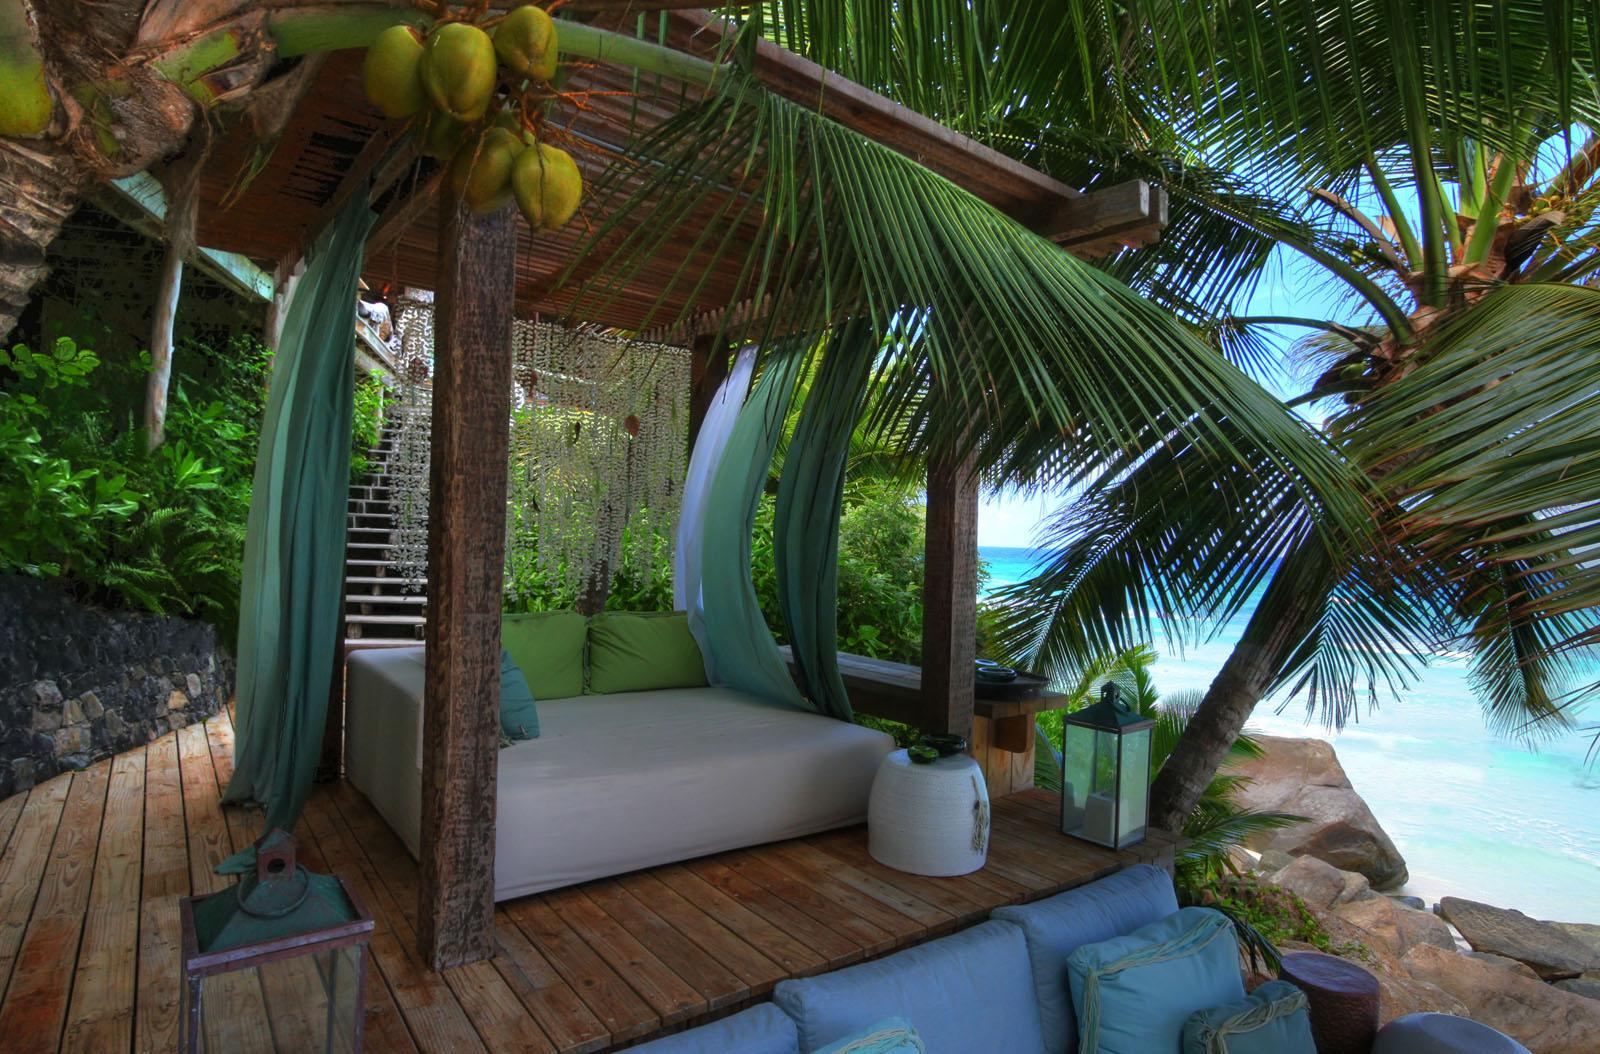 north island lodge a private sanctuary in seychelles idesignarch interior design. Black Bedroom Furniture Sets. Home Design Ideas